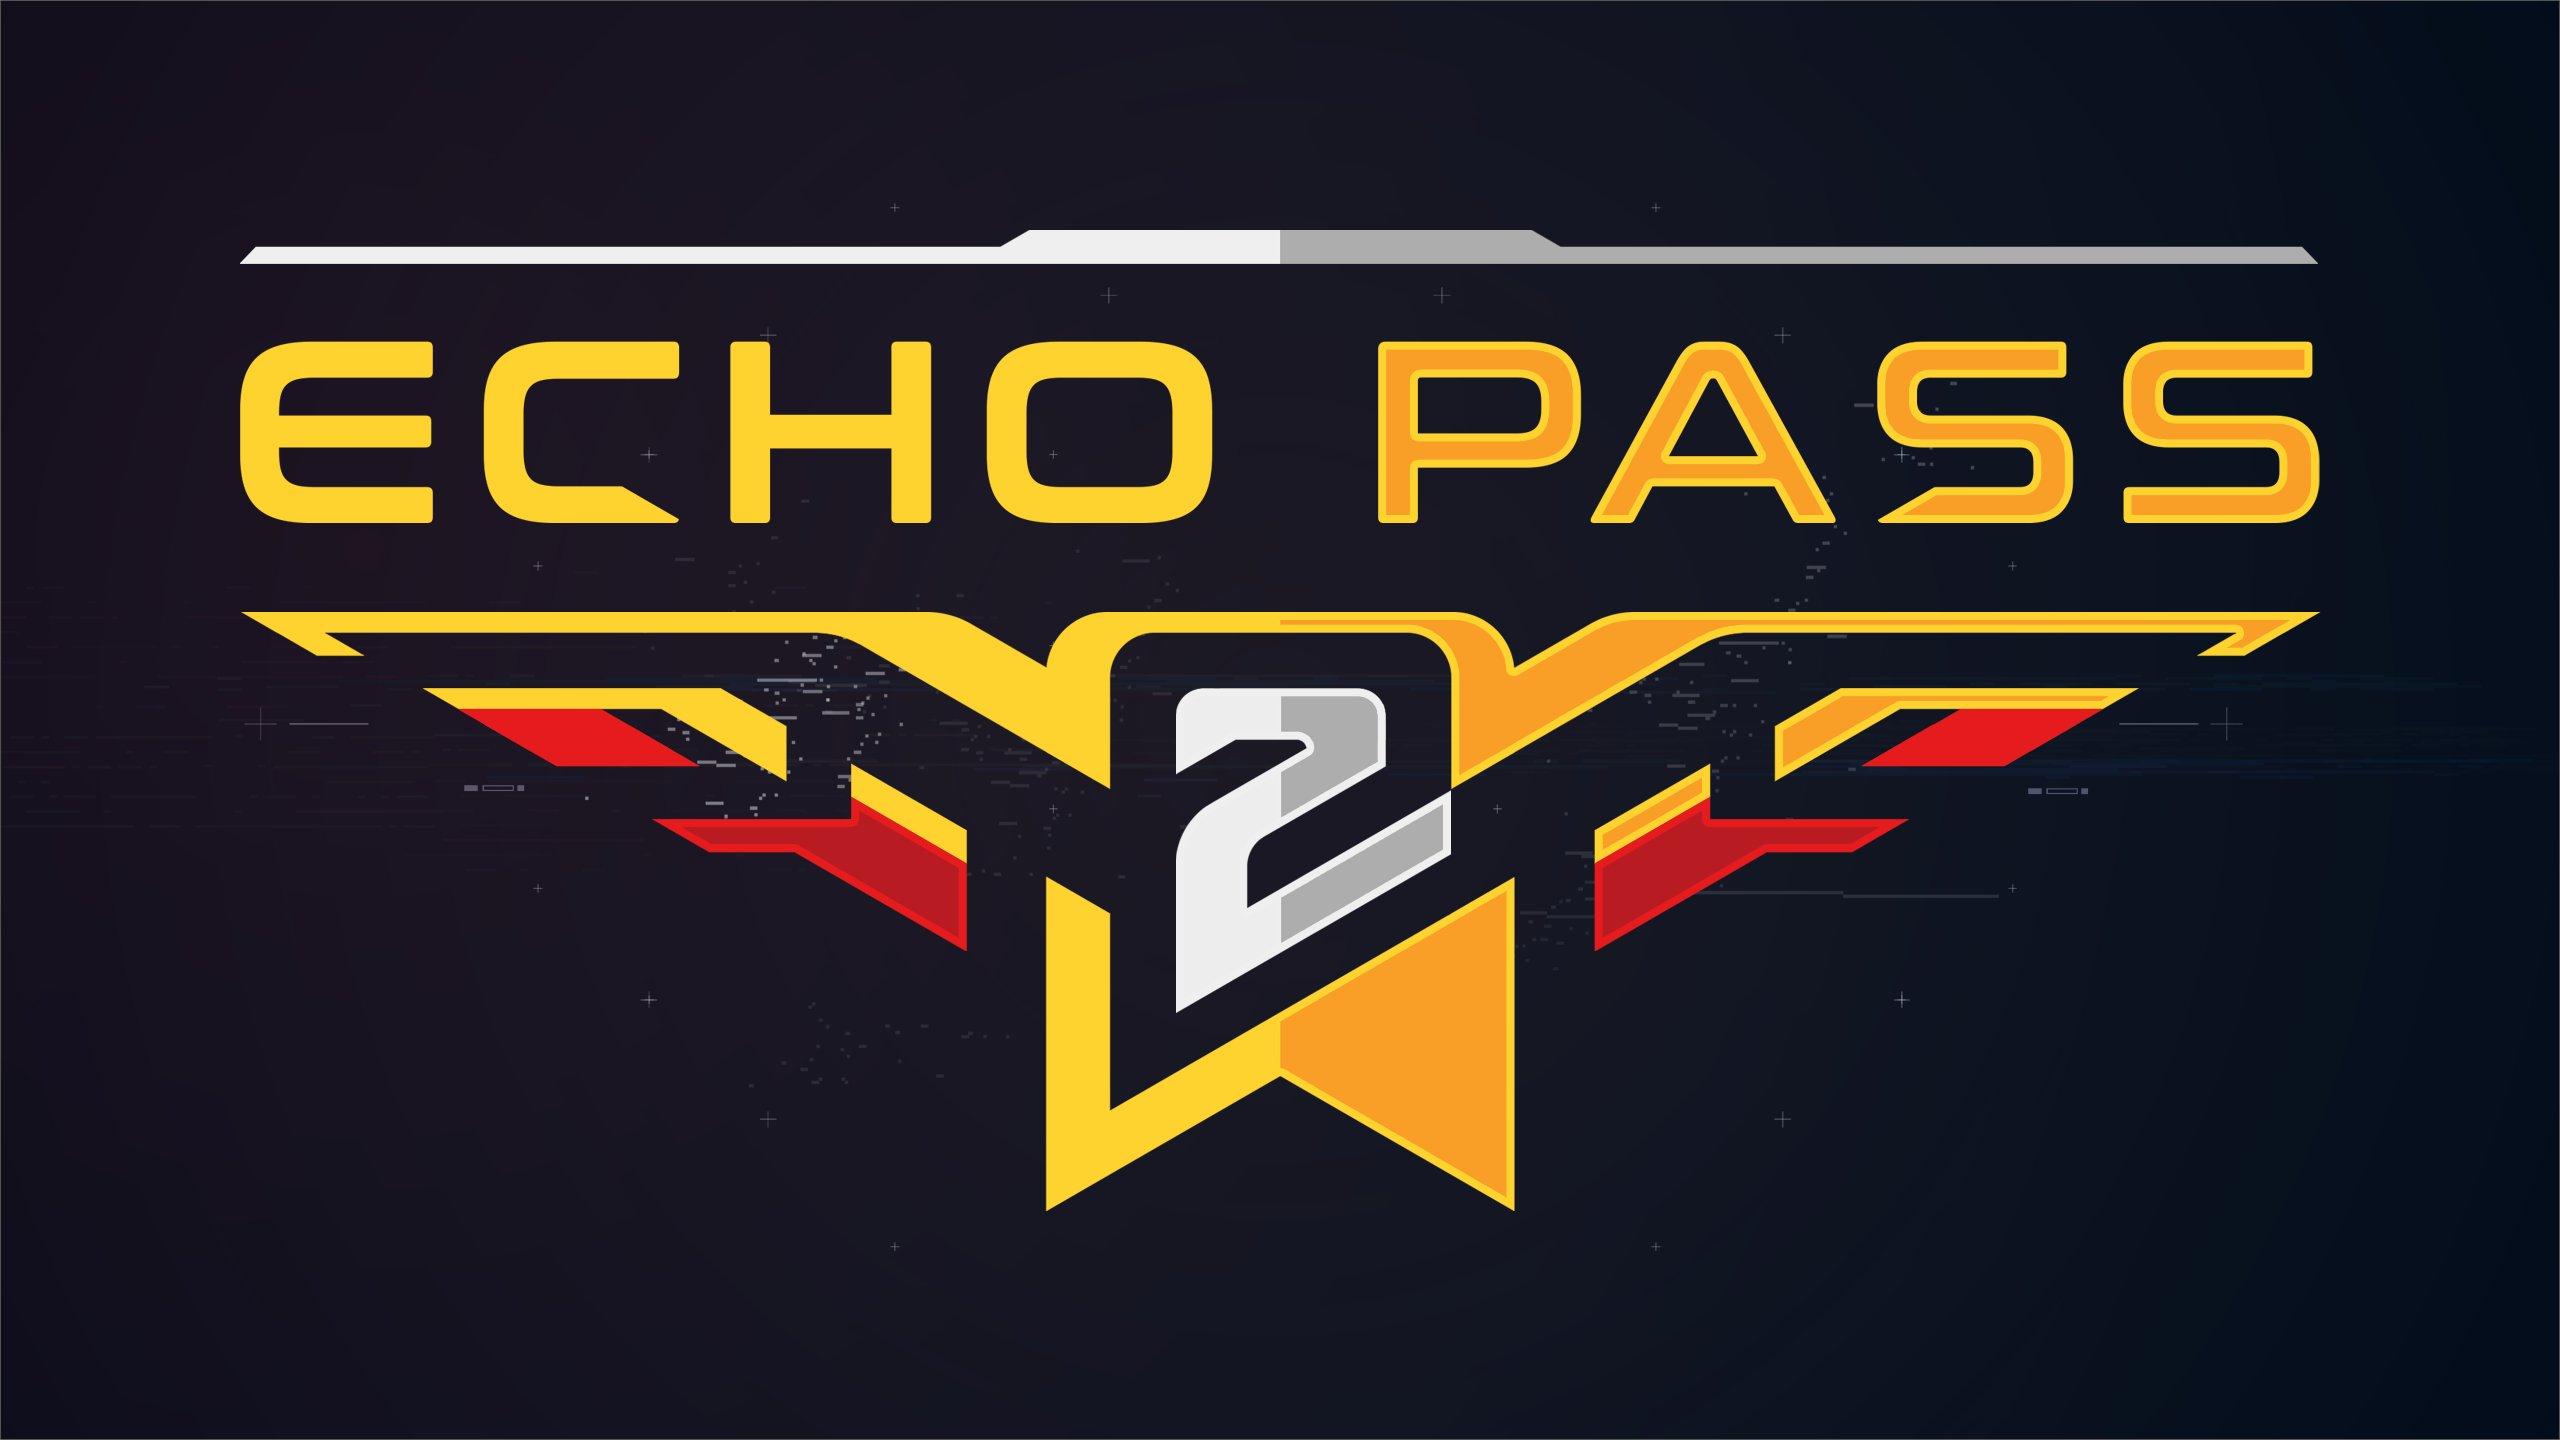 Echo Pass第二赛季将于6月8日启动